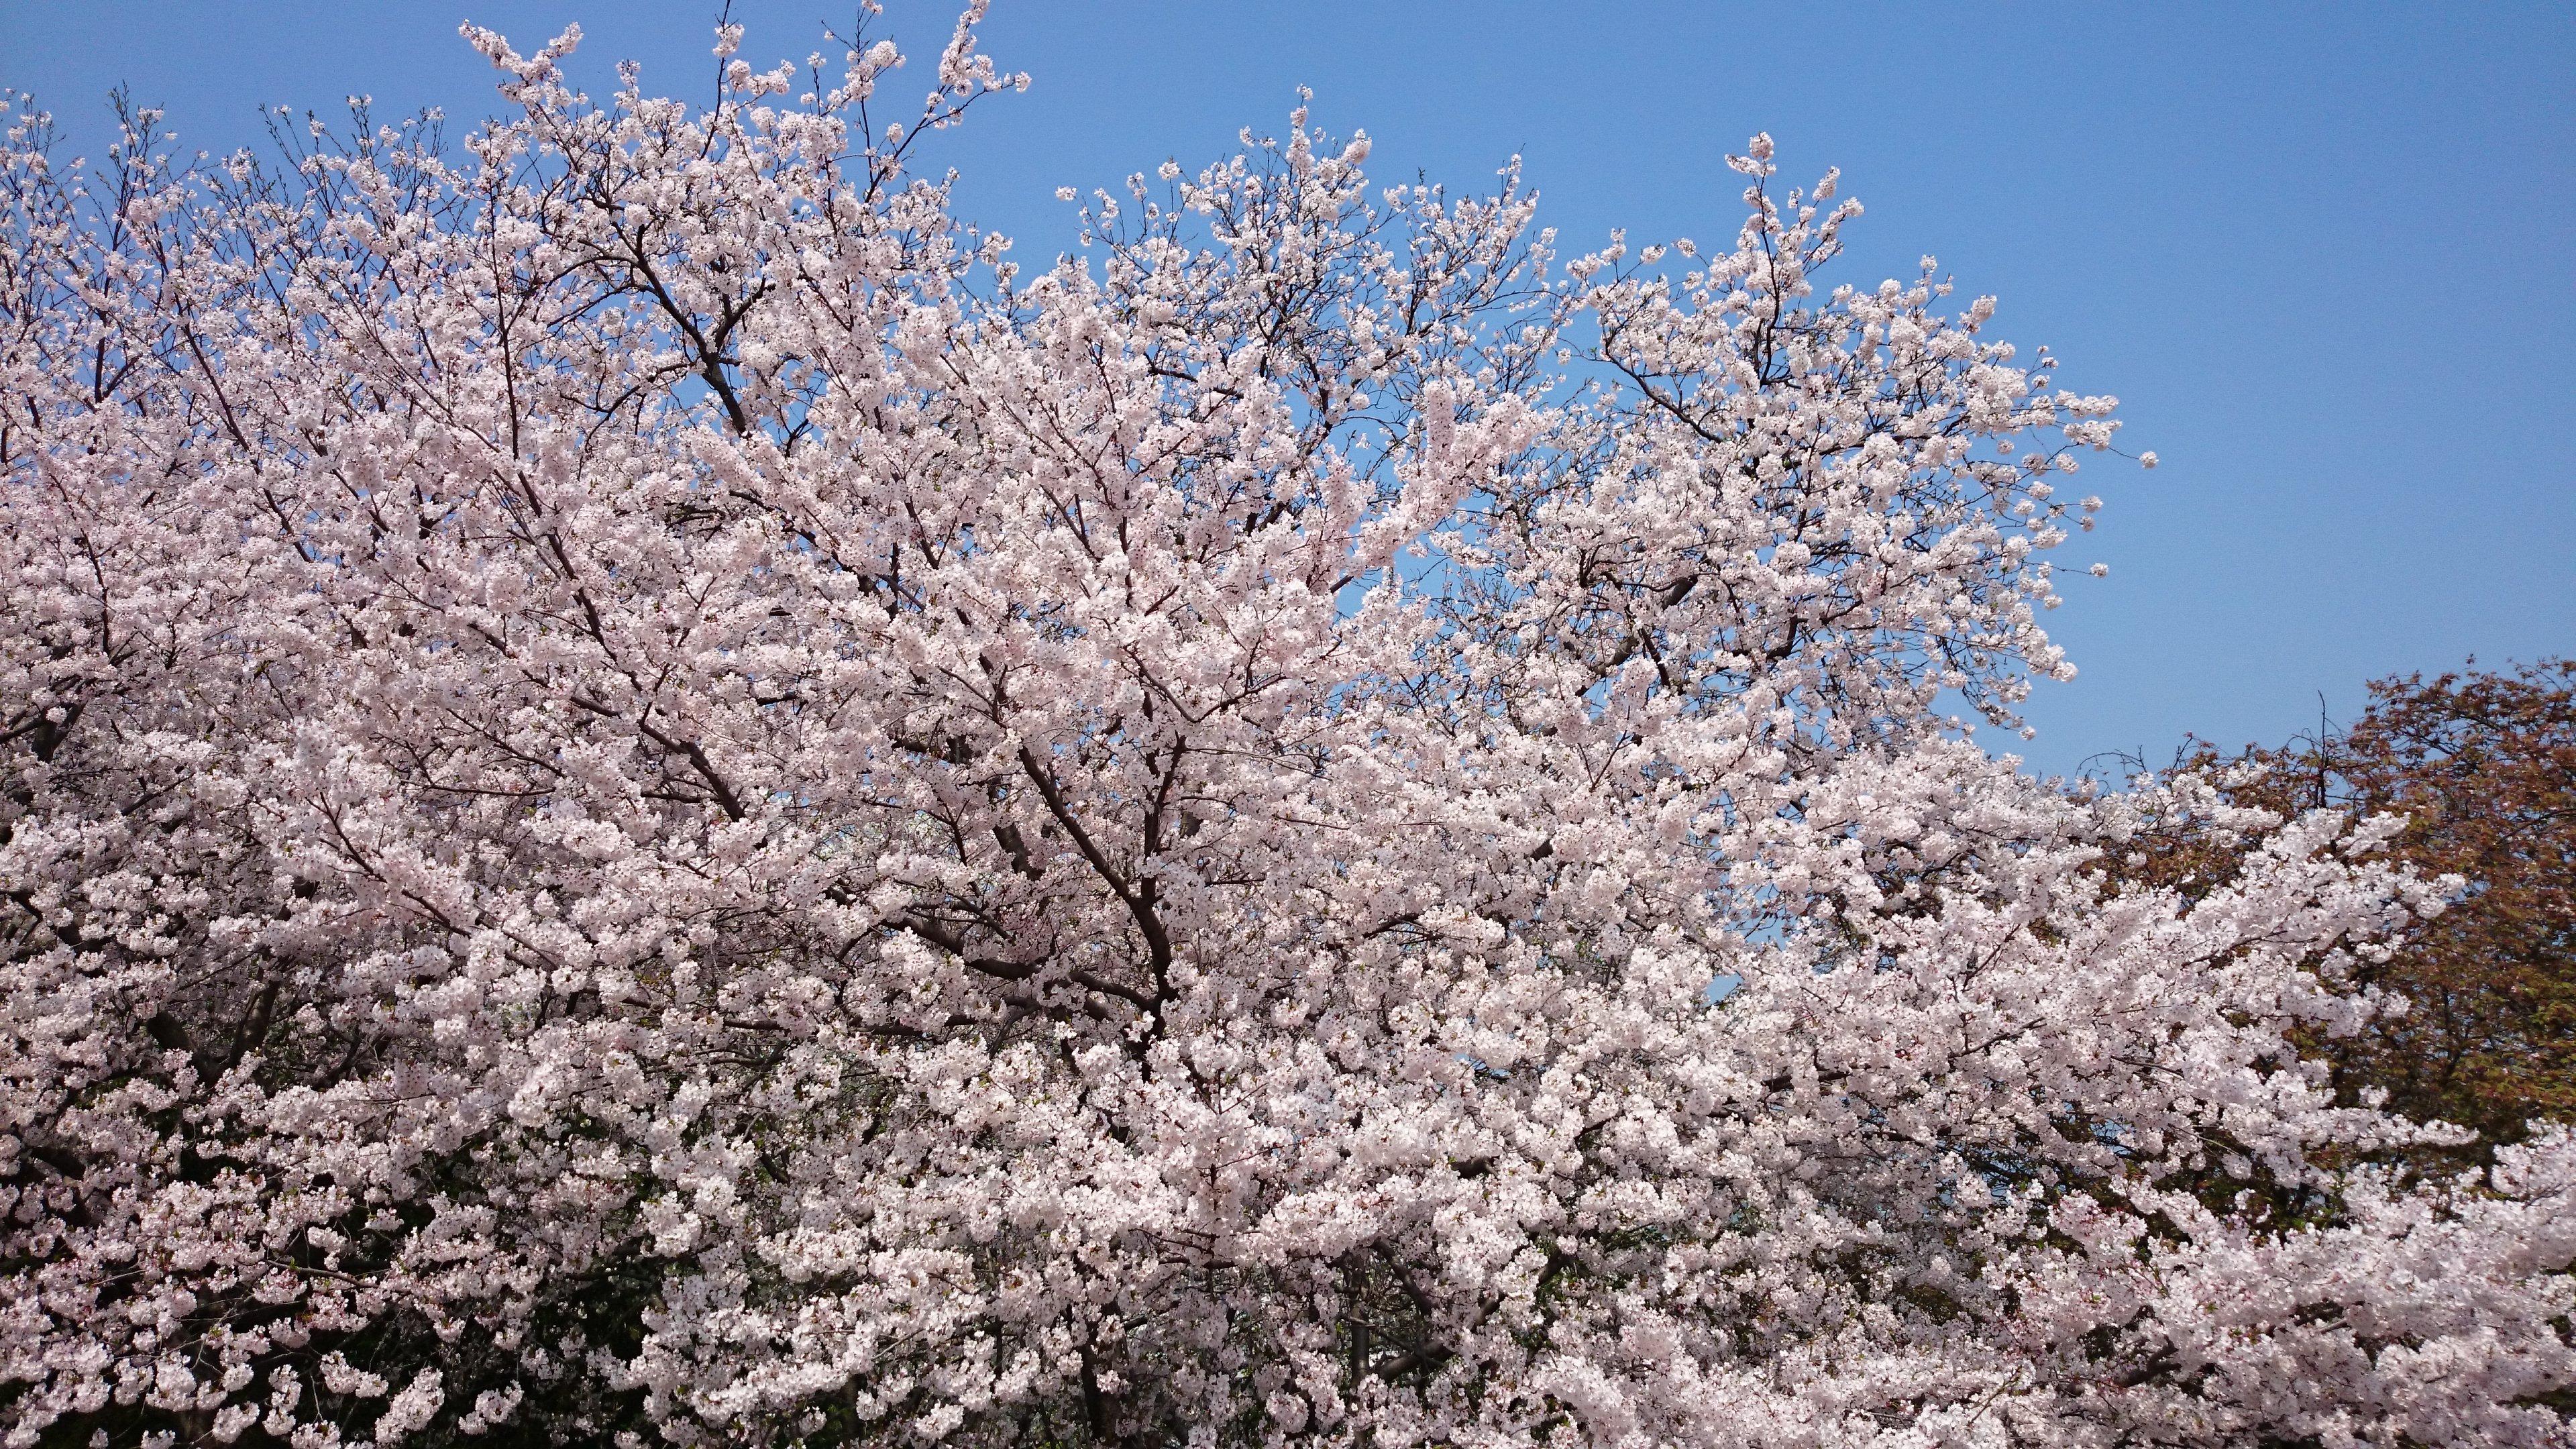 「ブロガー連動企画」佐賀県唐津市と、福岡県糸島市の桜を愛でる。 #sakura2015bl